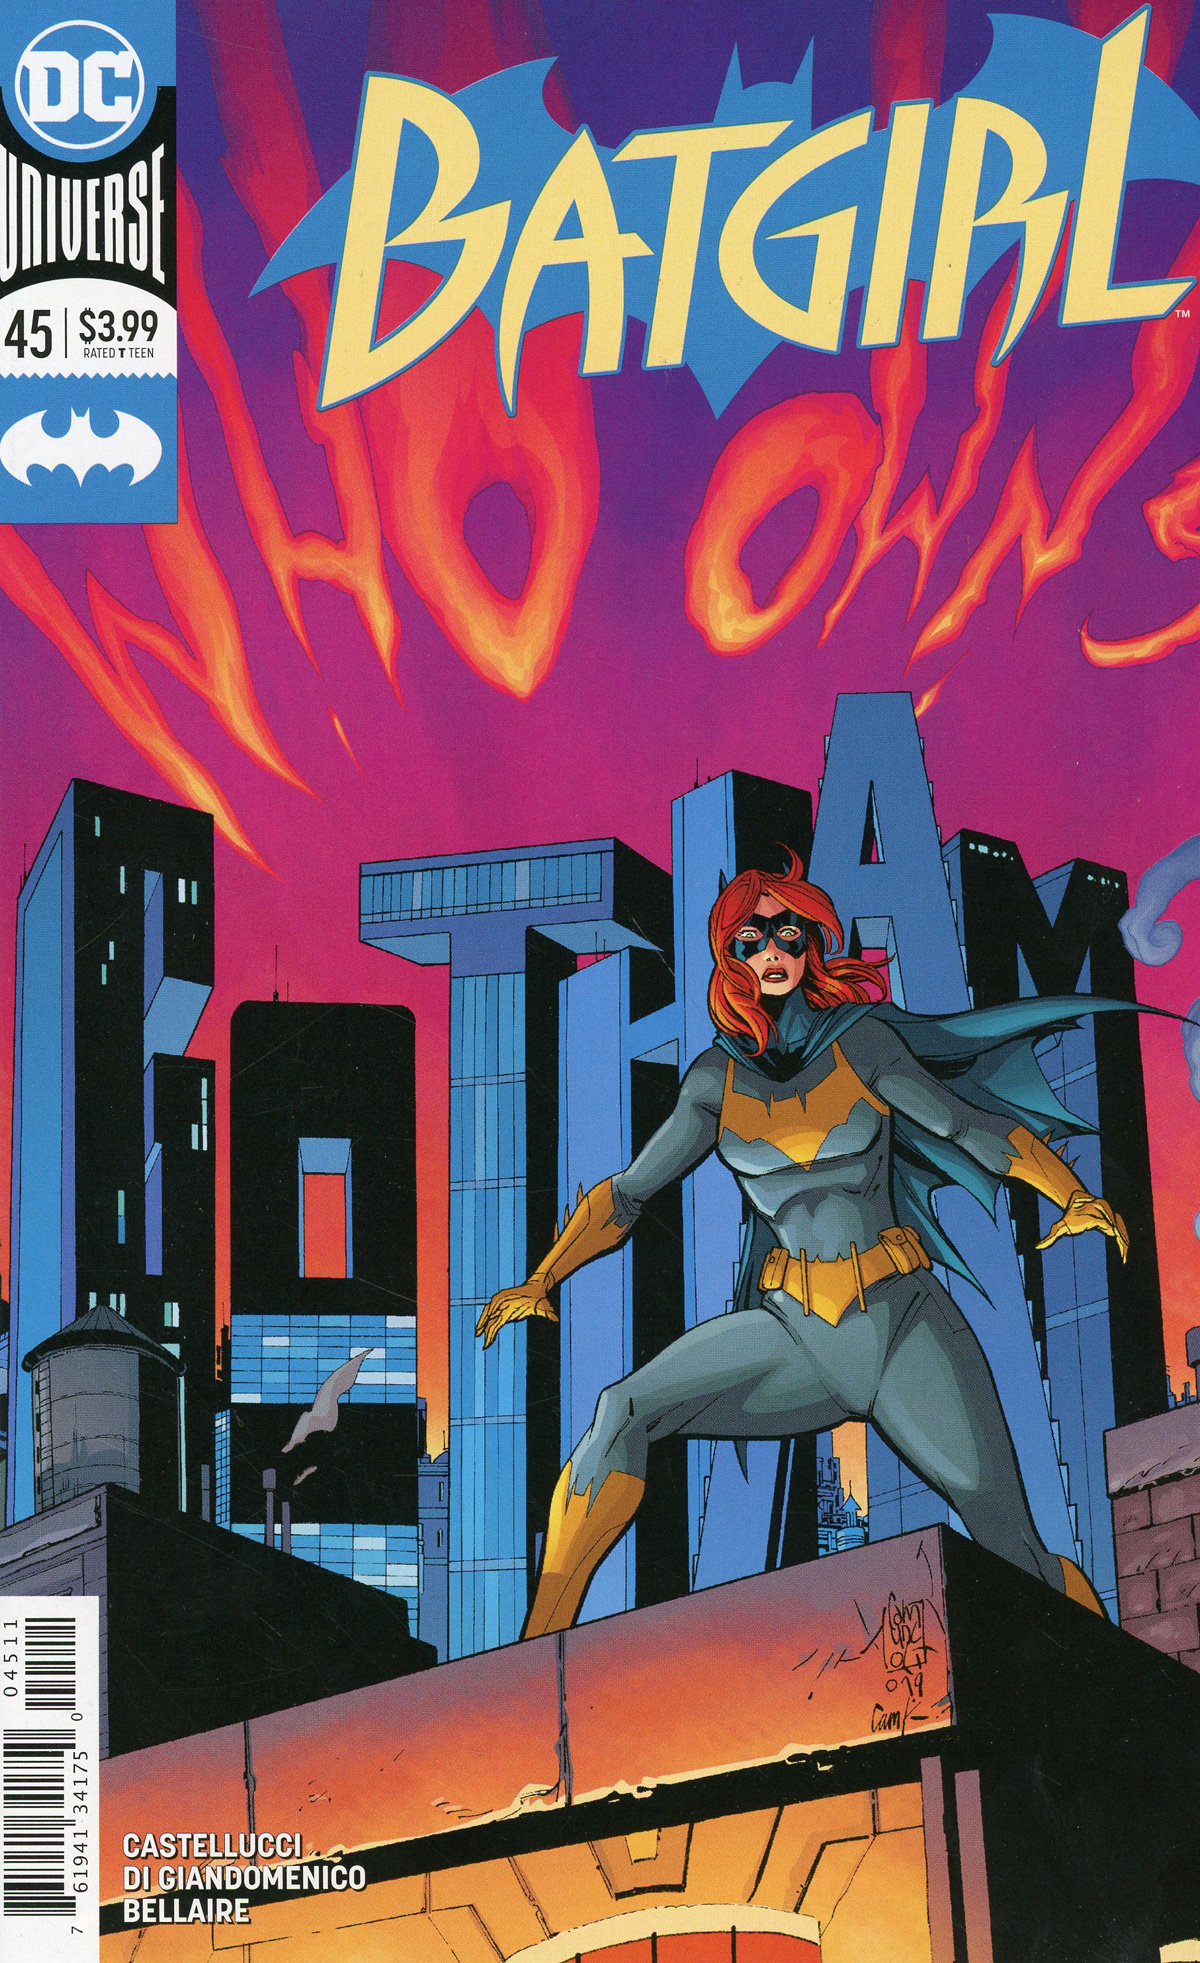 Batgirl Vol 5 #45 Cover A Regular Giuseppe Camuncoli & Cam Smith Cover